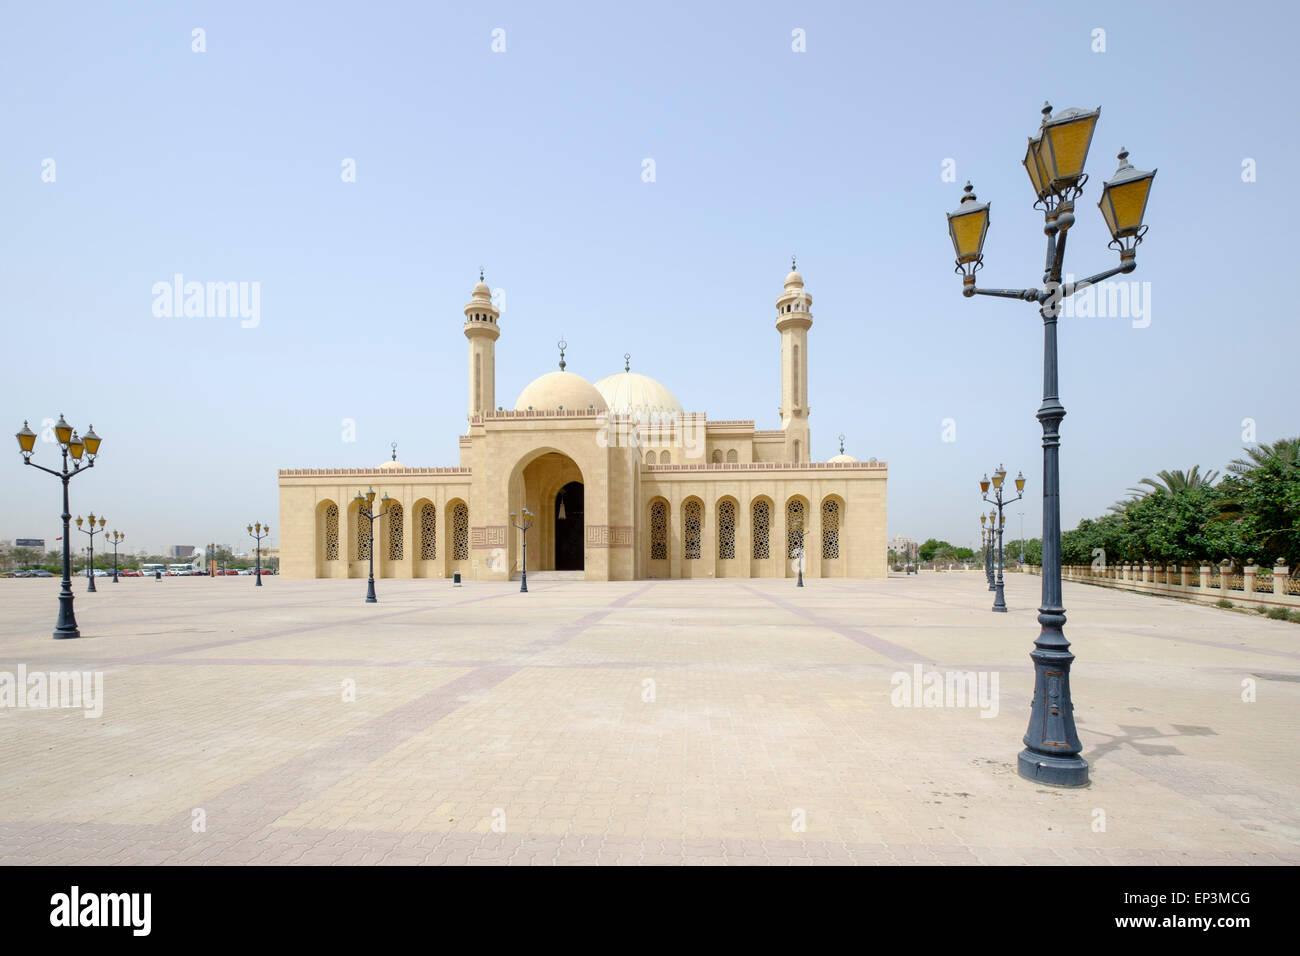 Vista exterior de la Gran Mezquita Al Fateh en Reino de Bahréin Imagen De Stock